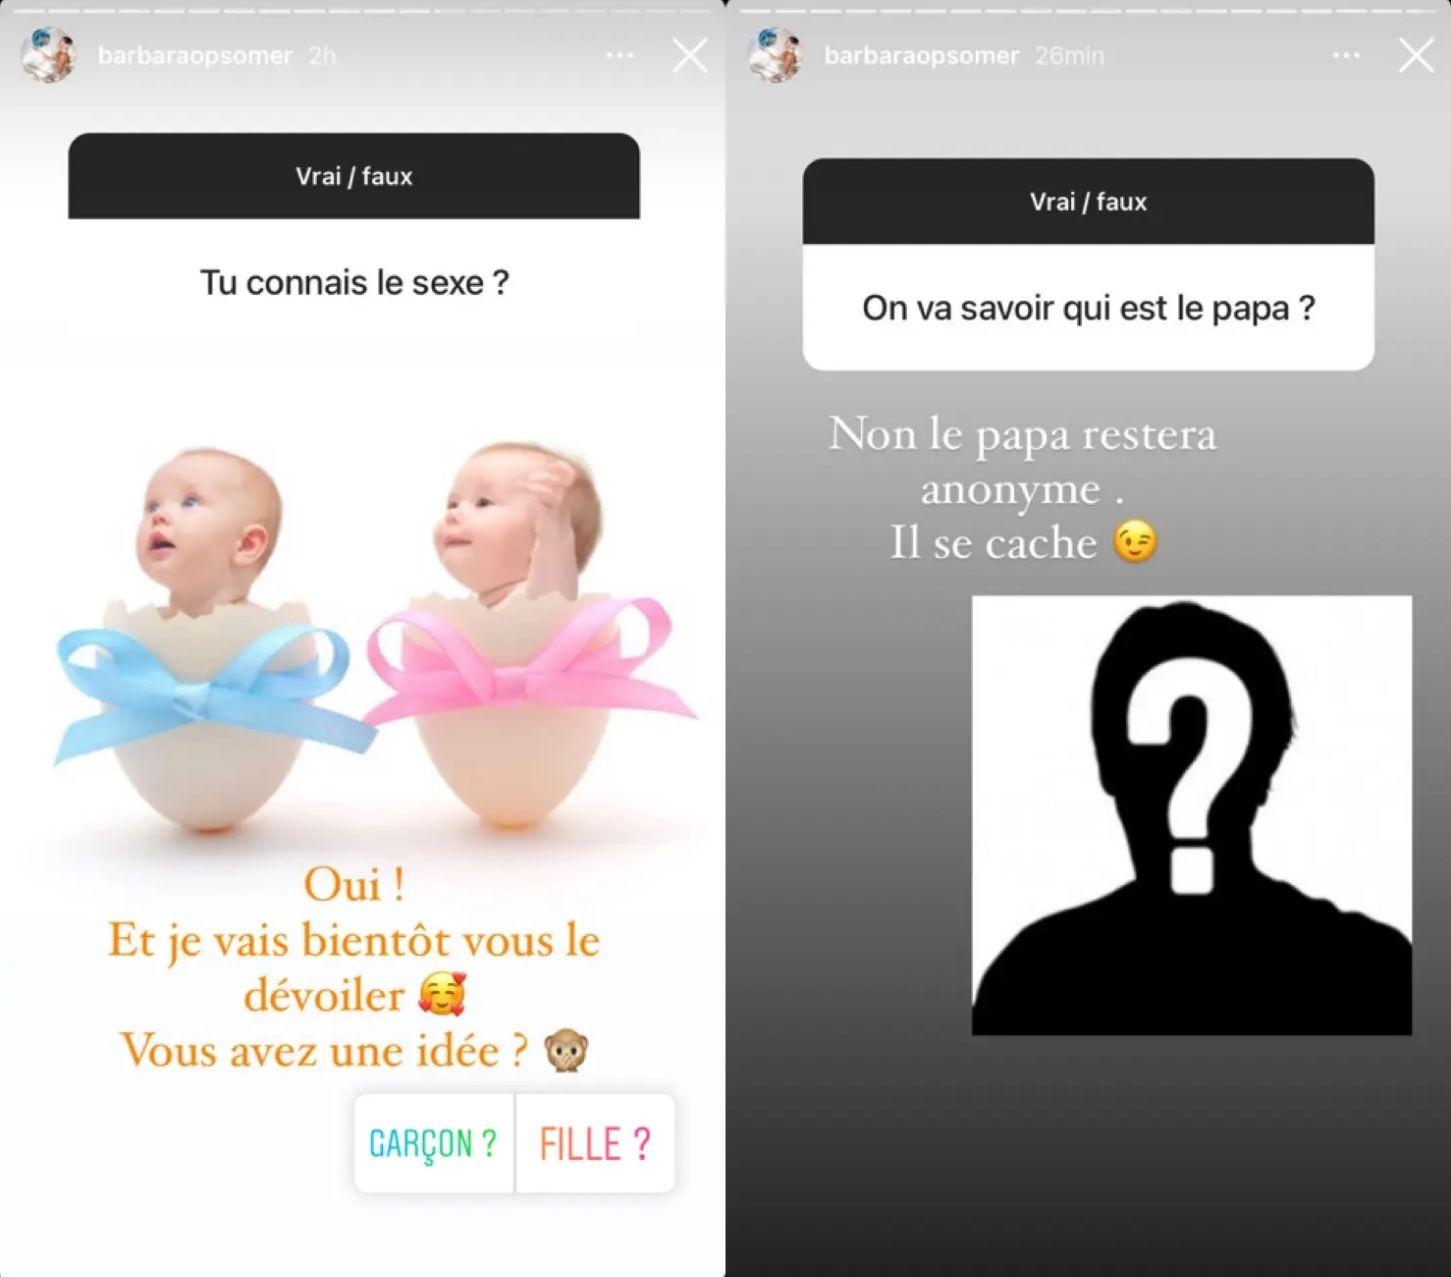 Barbara Opsomer enceinte : Qui est le père ? Elle répond aux internautes !